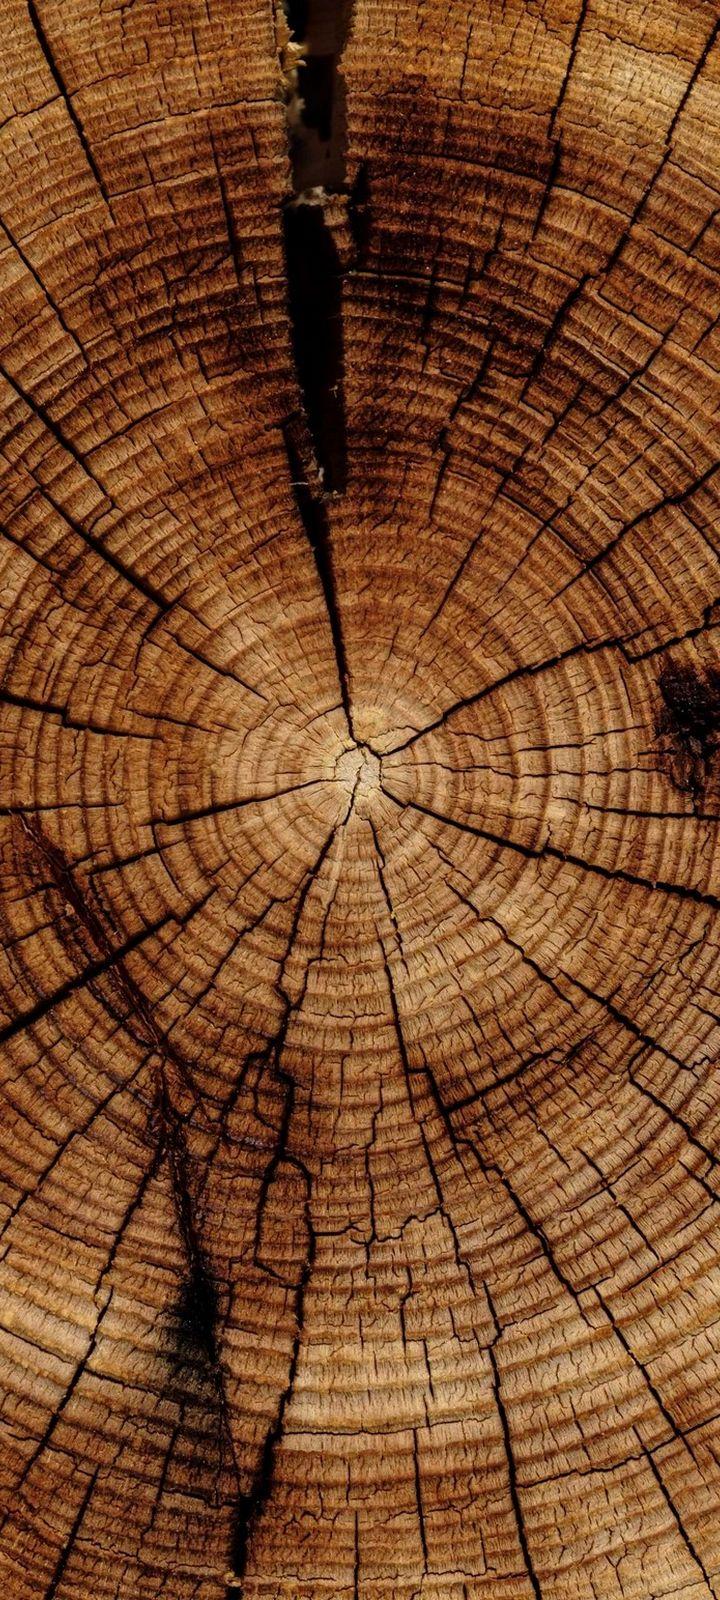 Trunk Tree Texture Wallpaper 720x1600